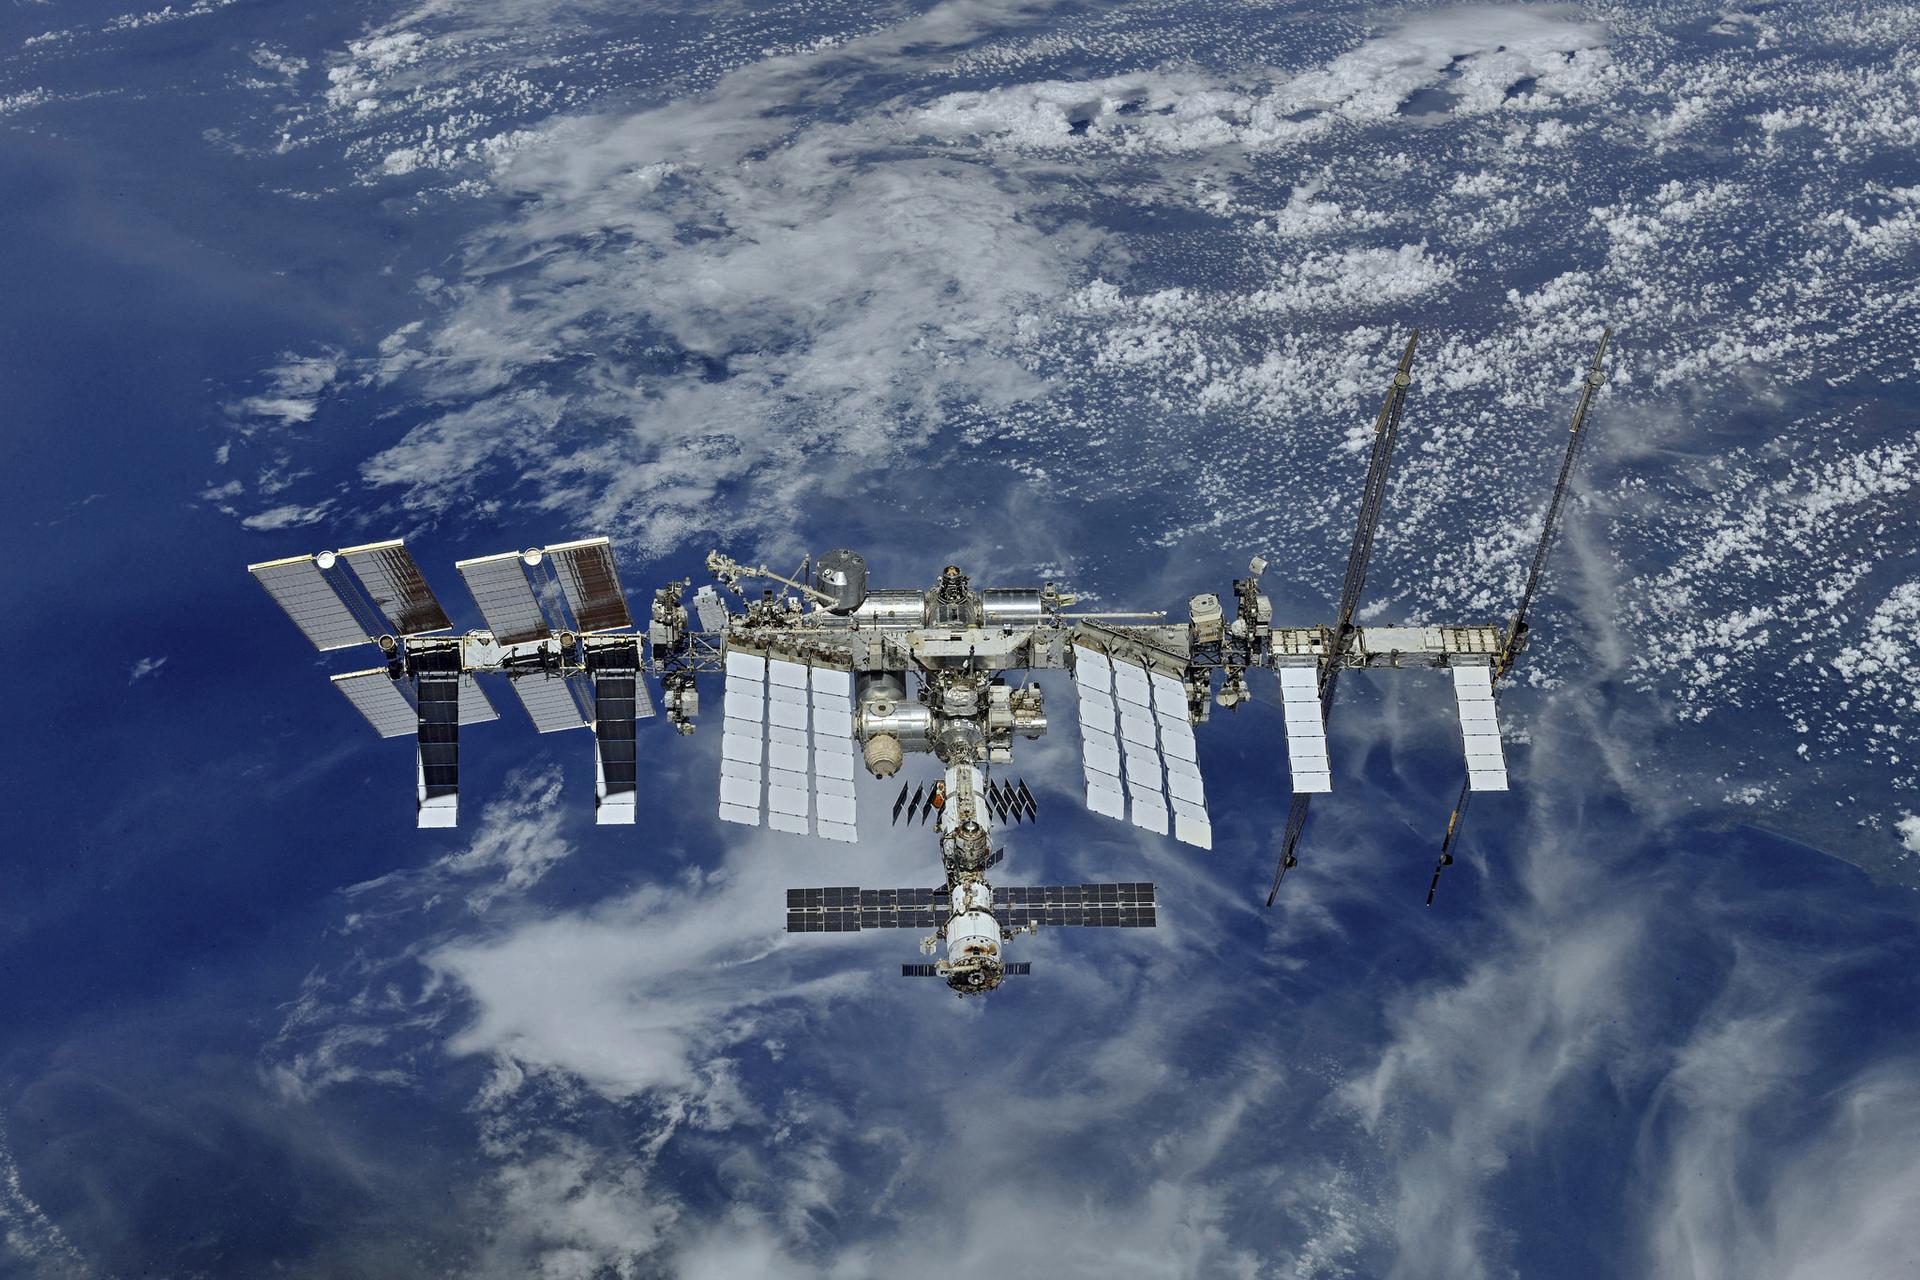 Космонавт Соловьев: эффективность работы на МКС снижается через сто дней экспедиции